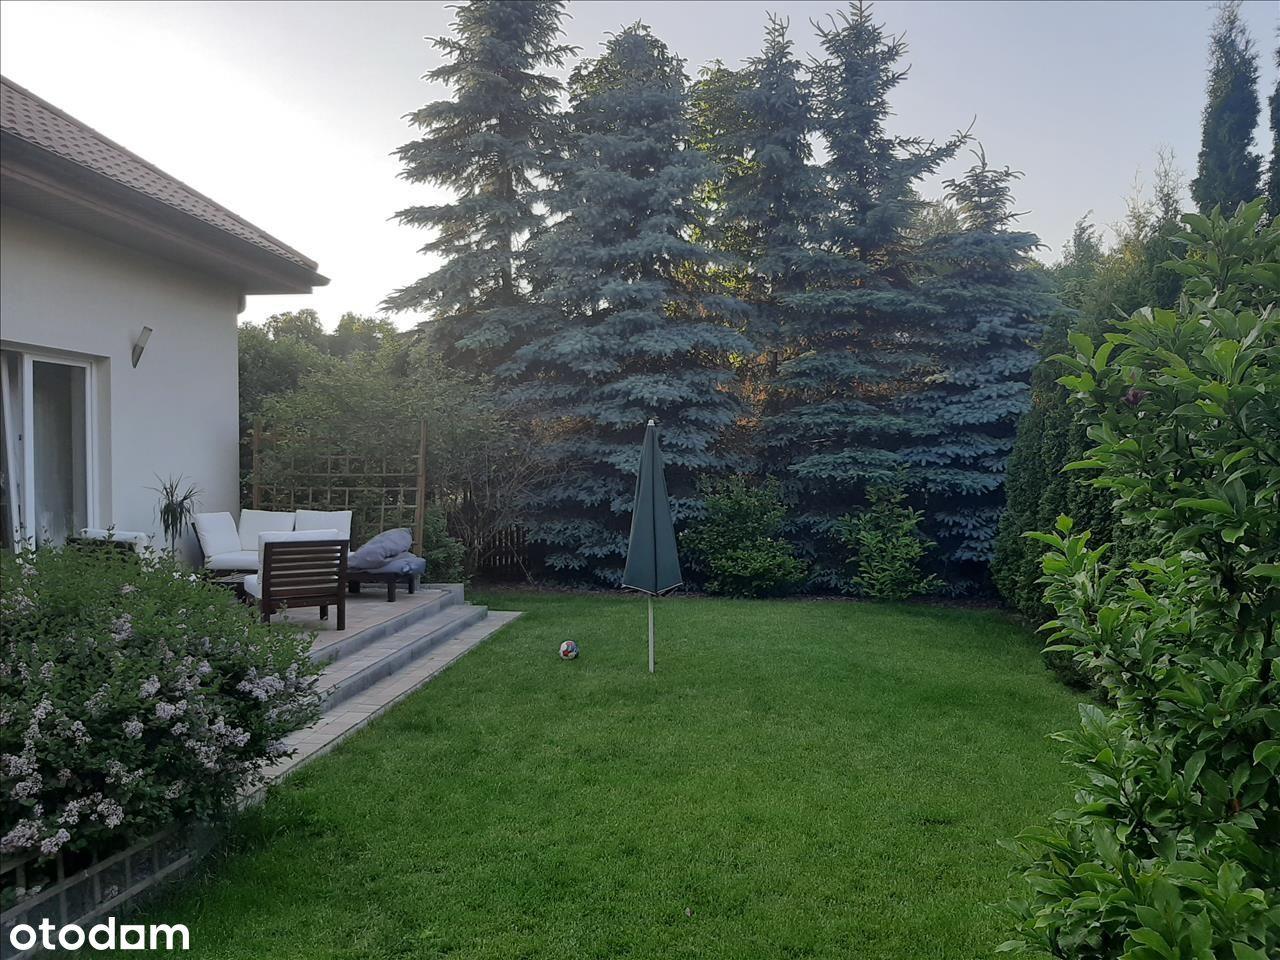 Nieruchomość z pięknym ogrodem [Wysoki Standard]